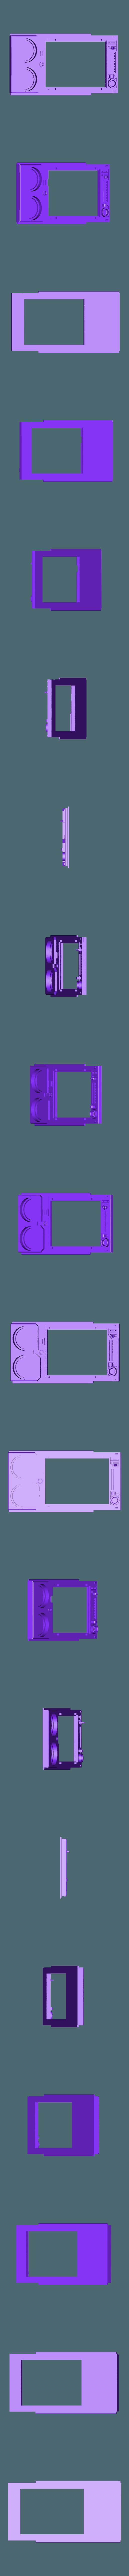 top.stl Télécharger fichier STL gratuit centre détaillé du rhinocéros • Objet à imprimer en 3D, Punisher_4u